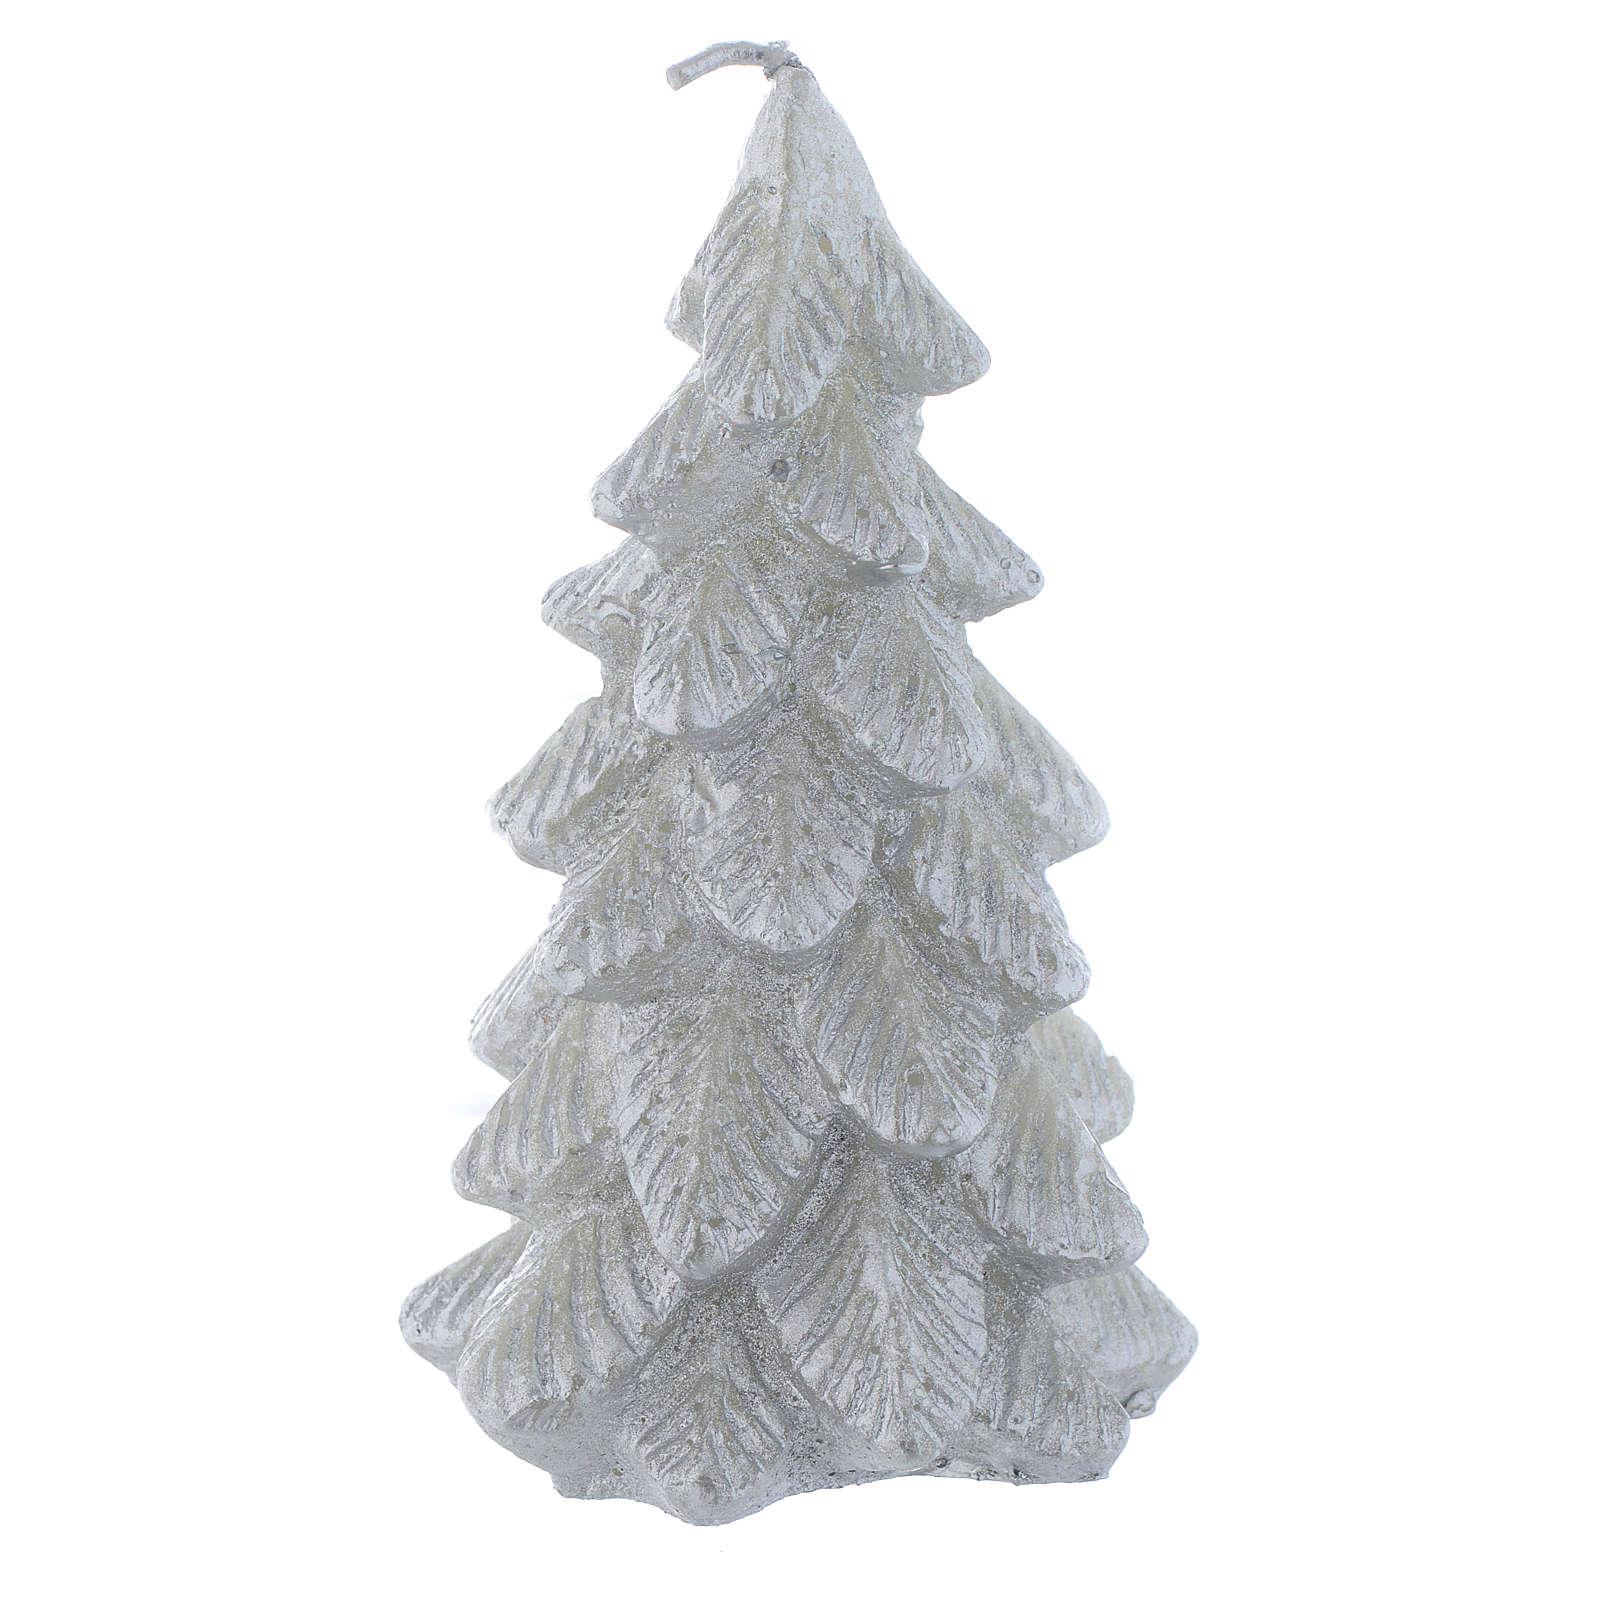 Weihnachtskerze Tannenbaum 11cm versilbert 3